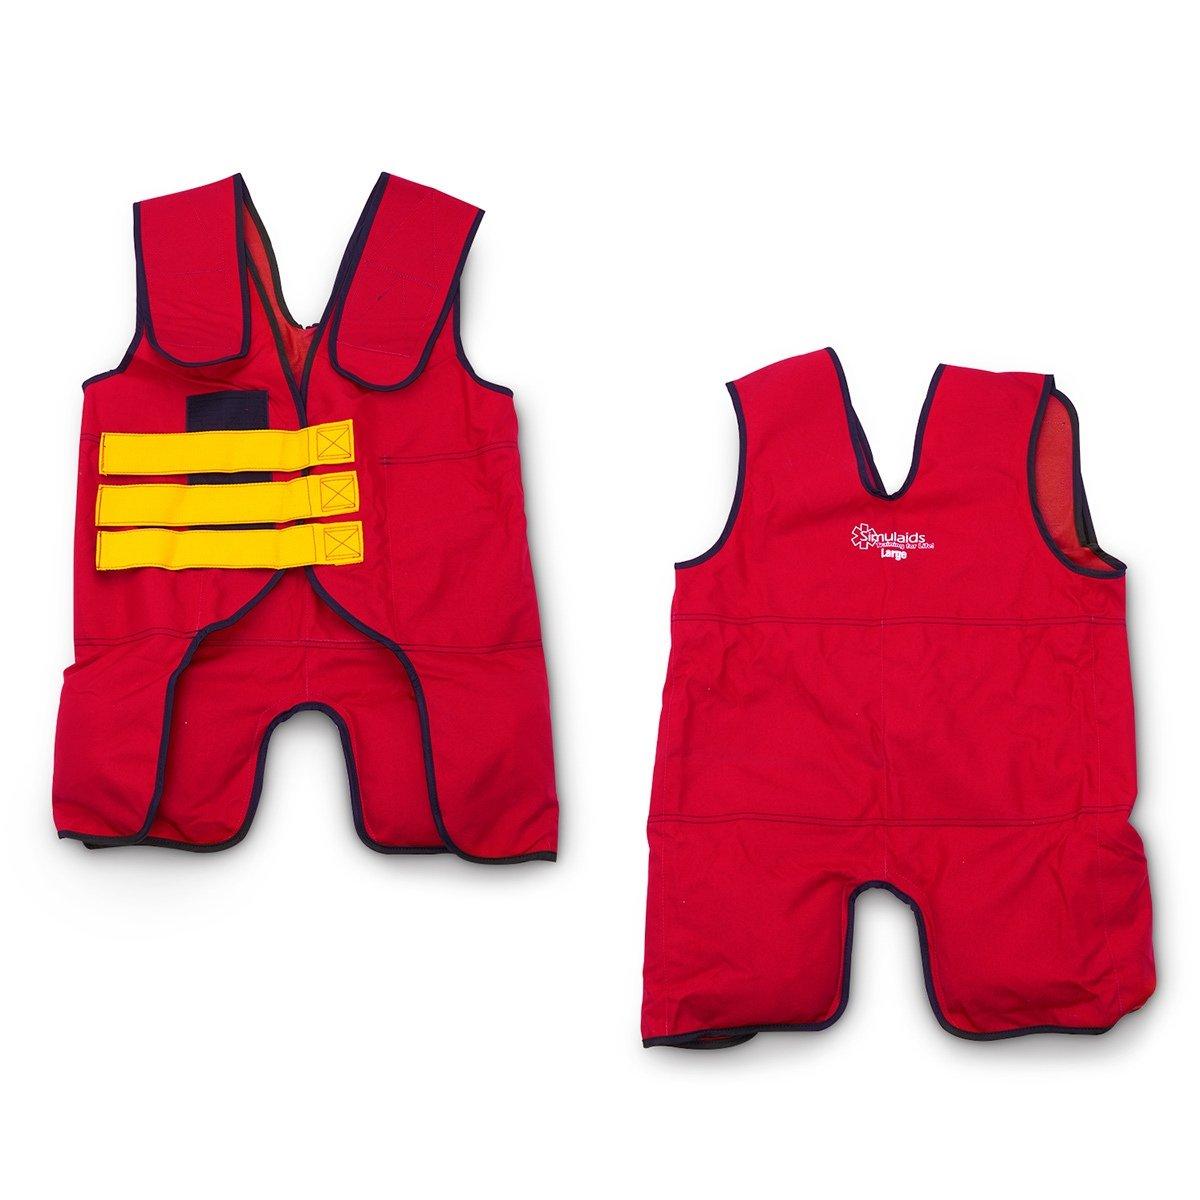 Simulaids Training Vest - 20 lb. - Large